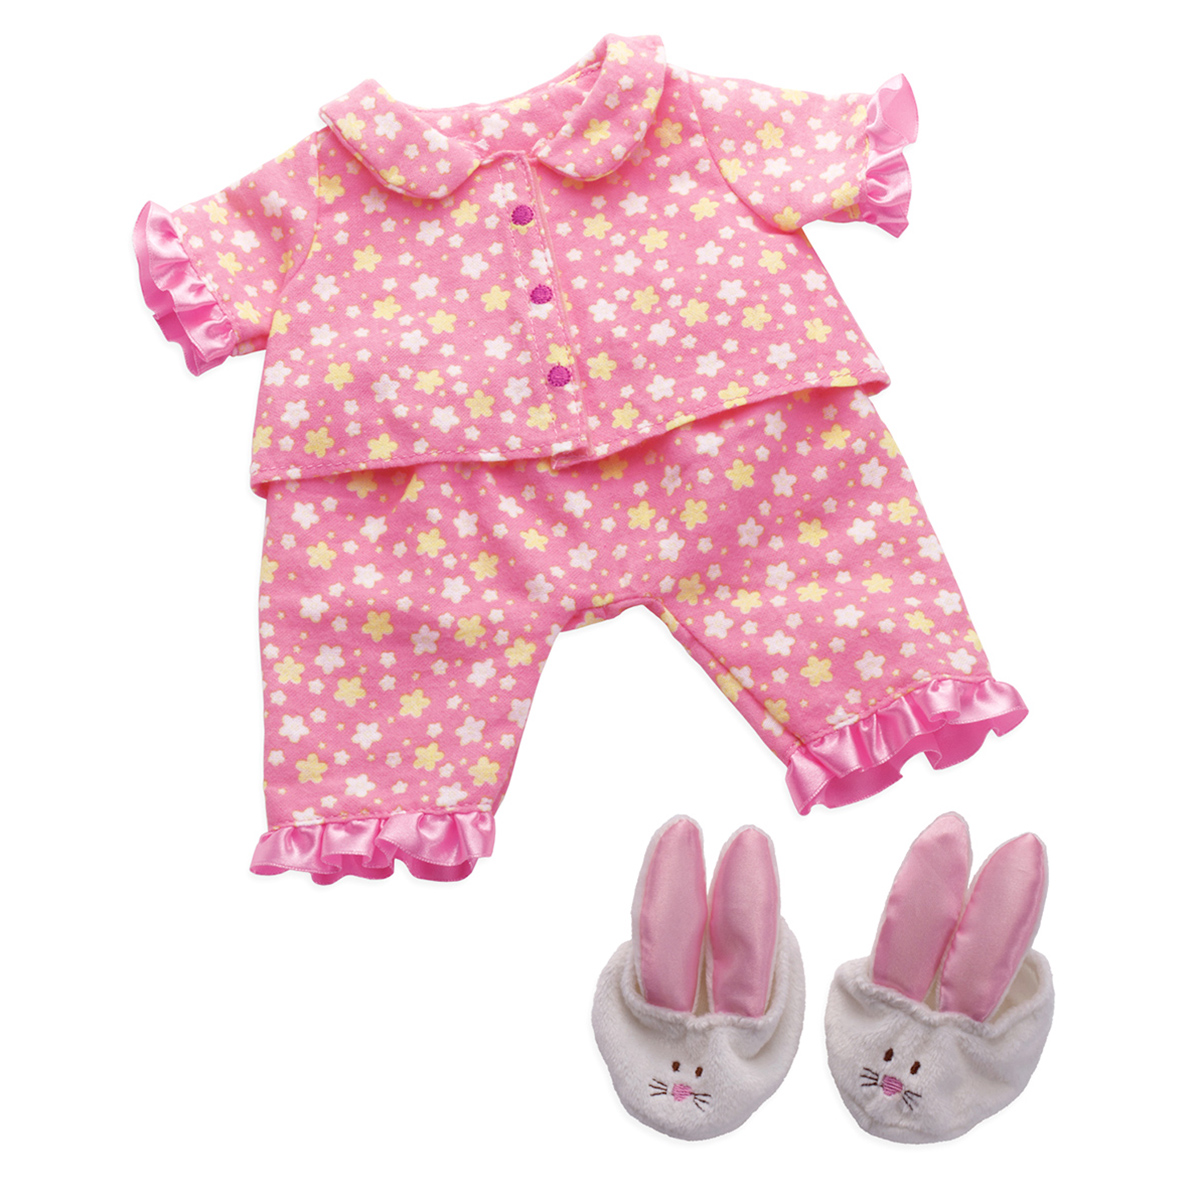 ベビー・ステラ おやすみフラワーパジャマ